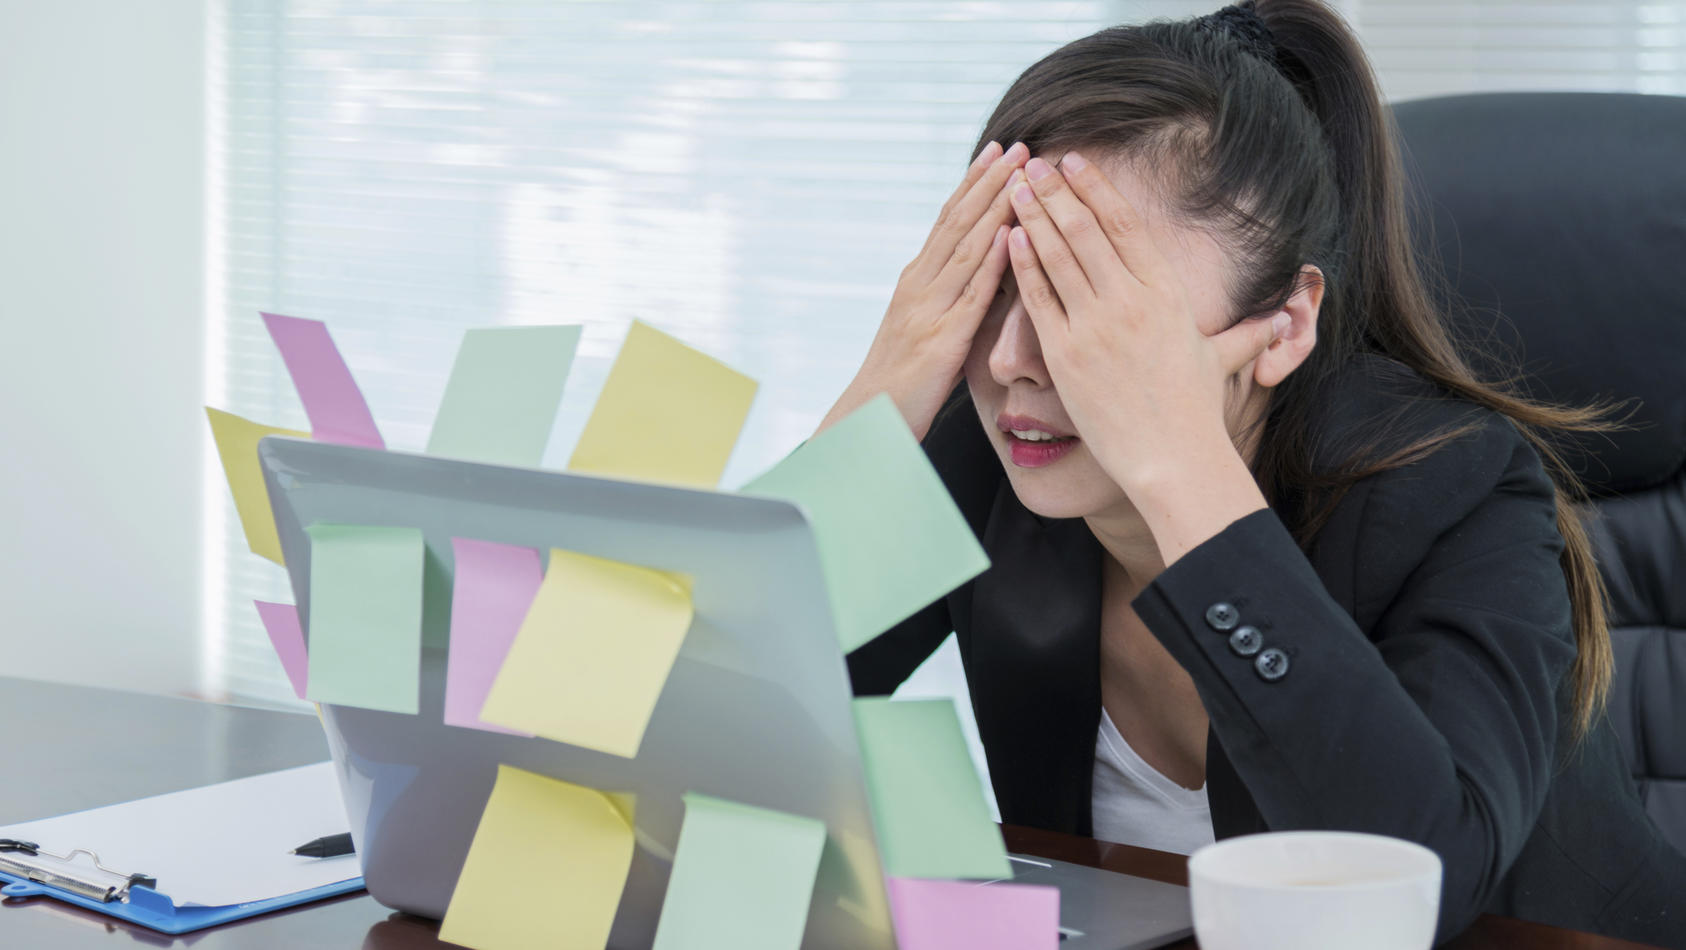 Alles gleichzeitig machen ist nicht immer besser: Multitasking kann zur echten Belastung werden.